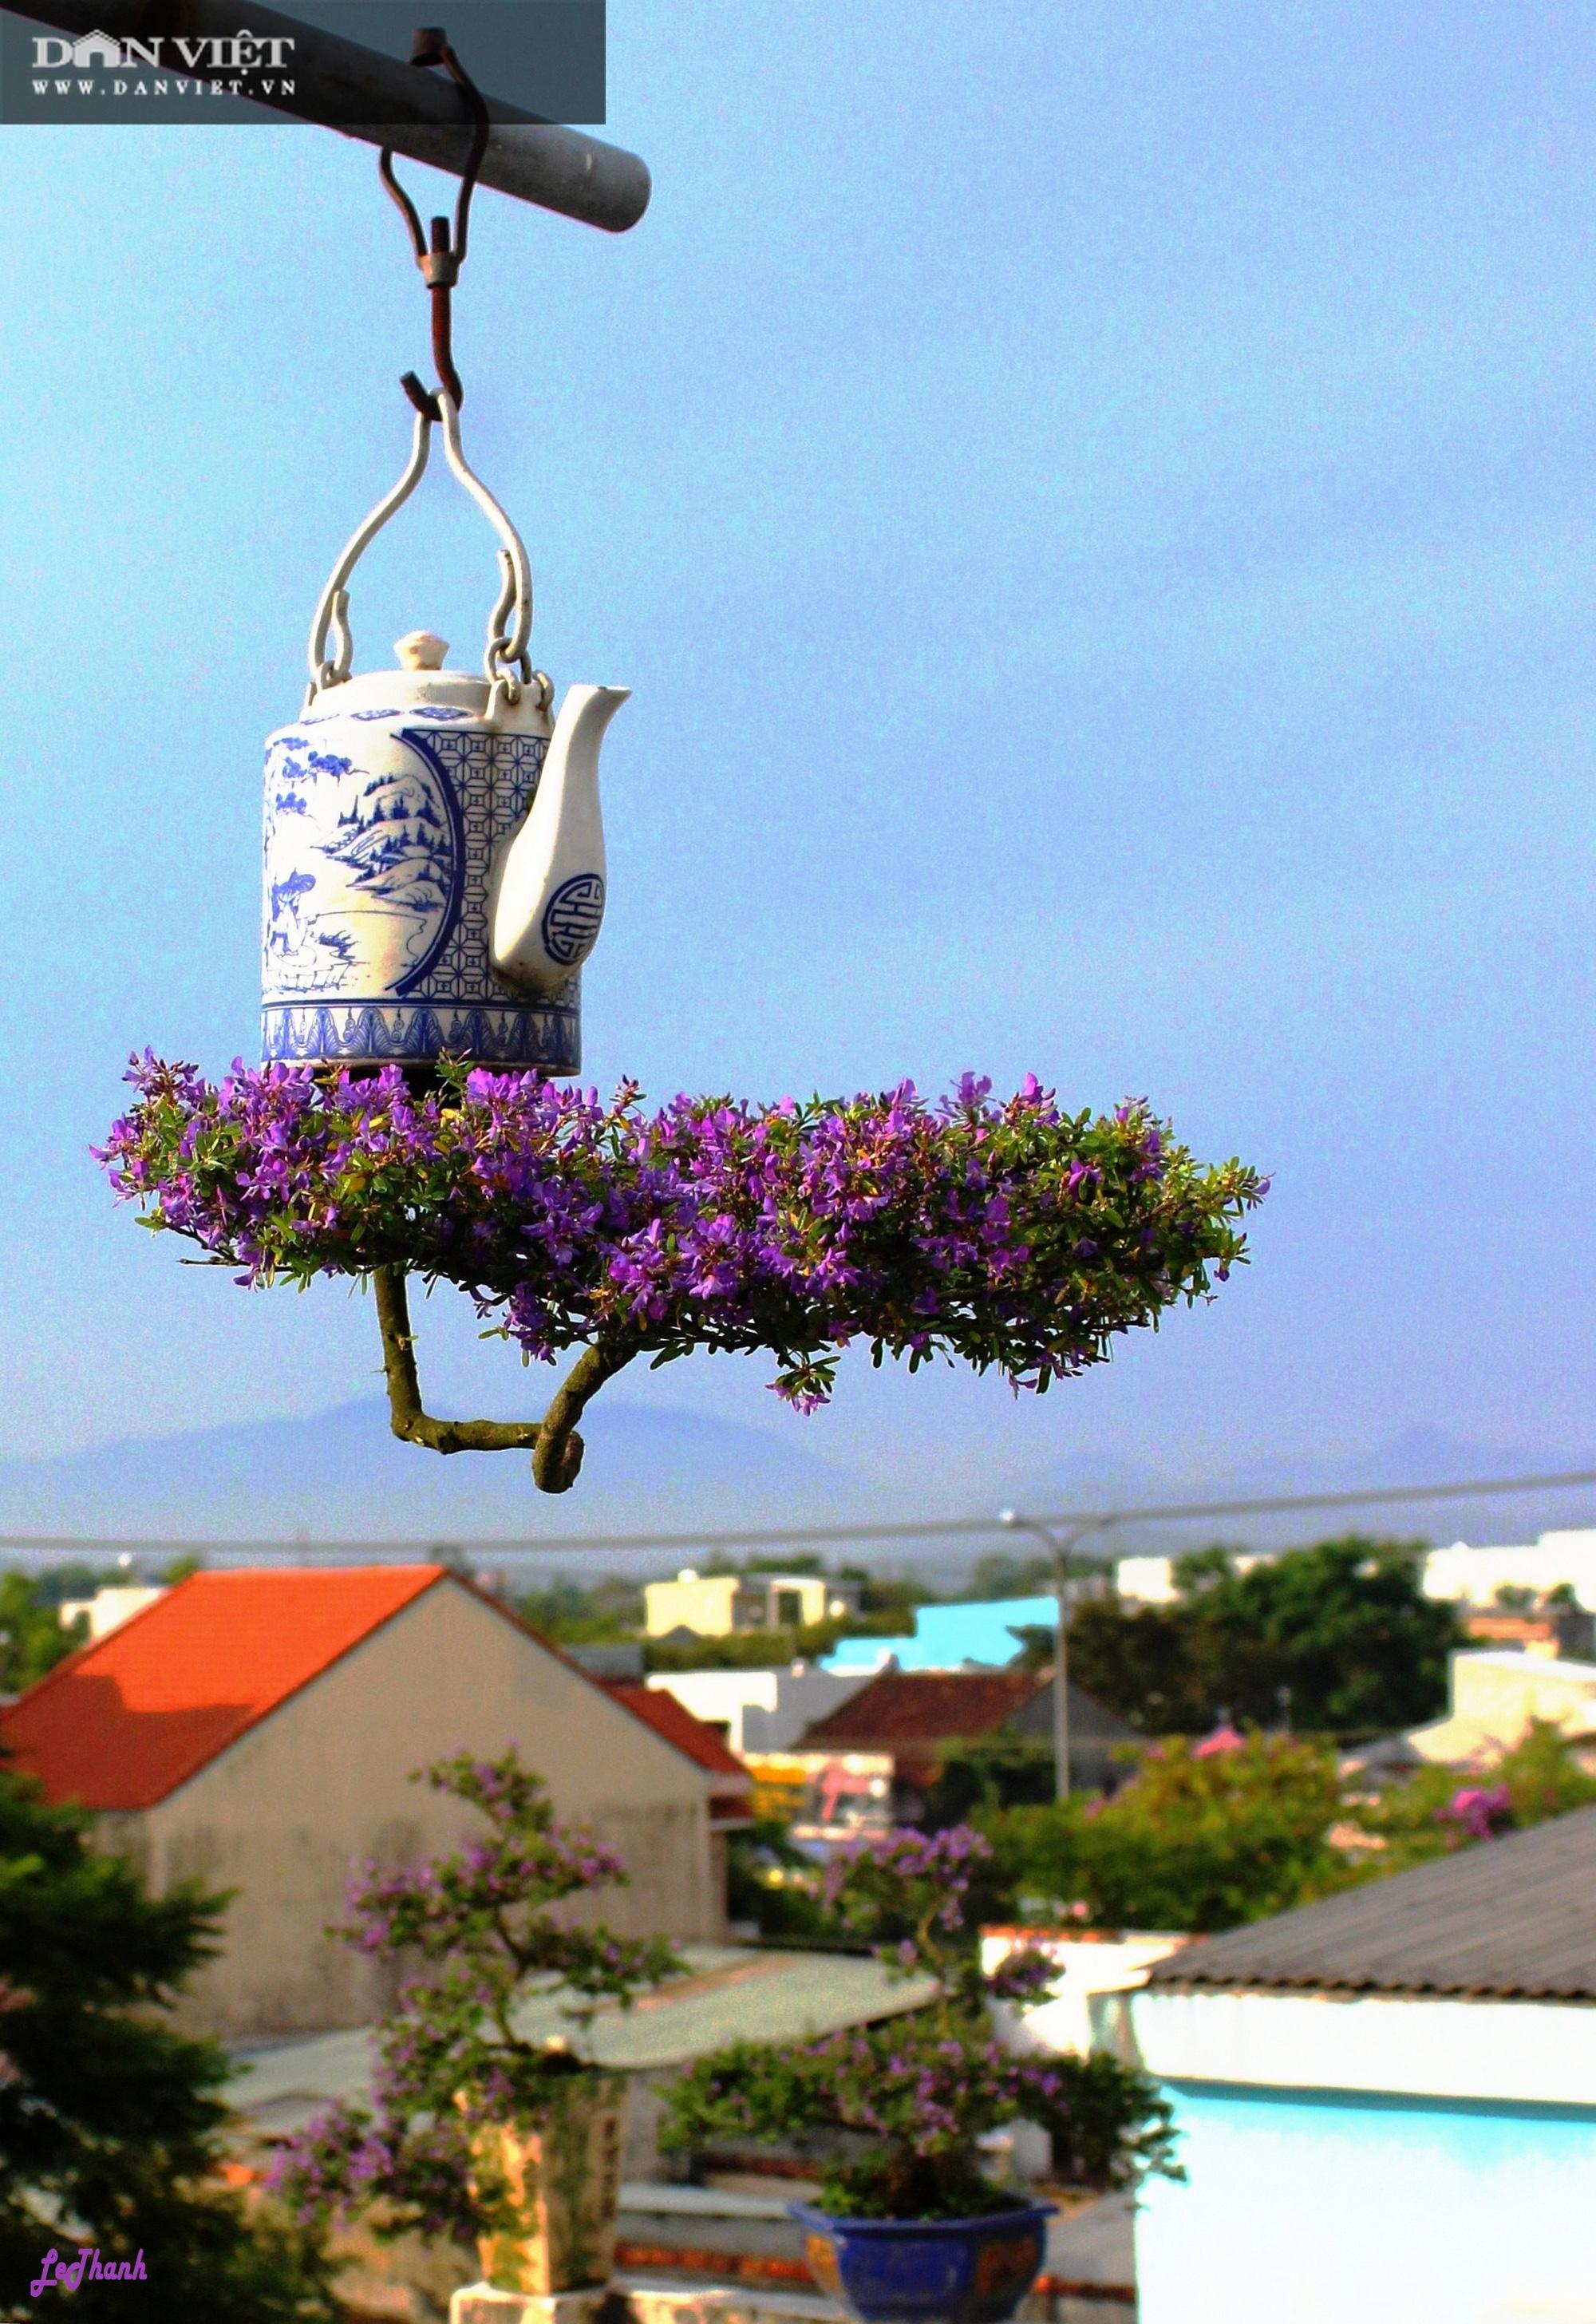 Dị nhân ở Quảng Nam có hàng trăm cây bonsai ngược được xác nhận kỷ lục Việt Nam - Ảnh 5.